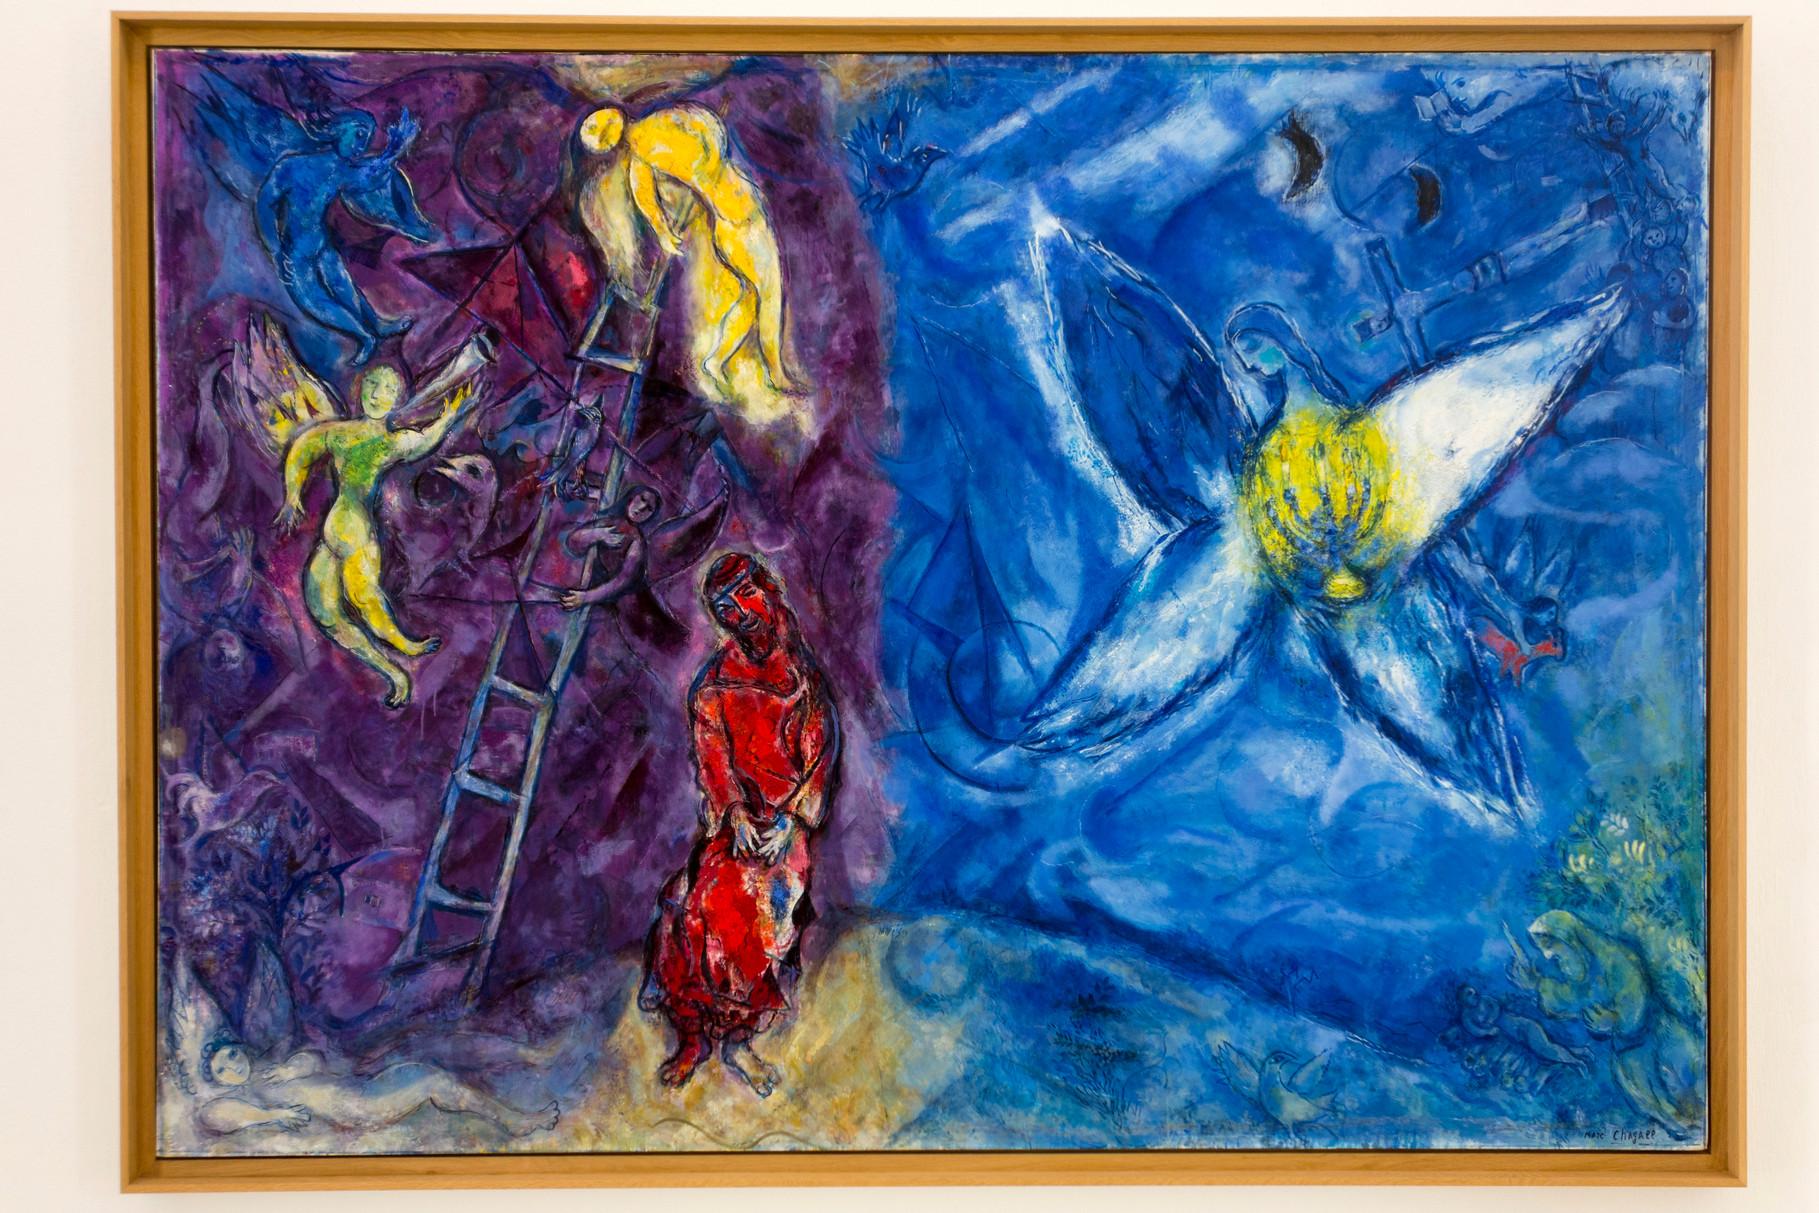 Jakobs Traum 1960-1966, Öl auf Leinwand, 195 x 278 cm